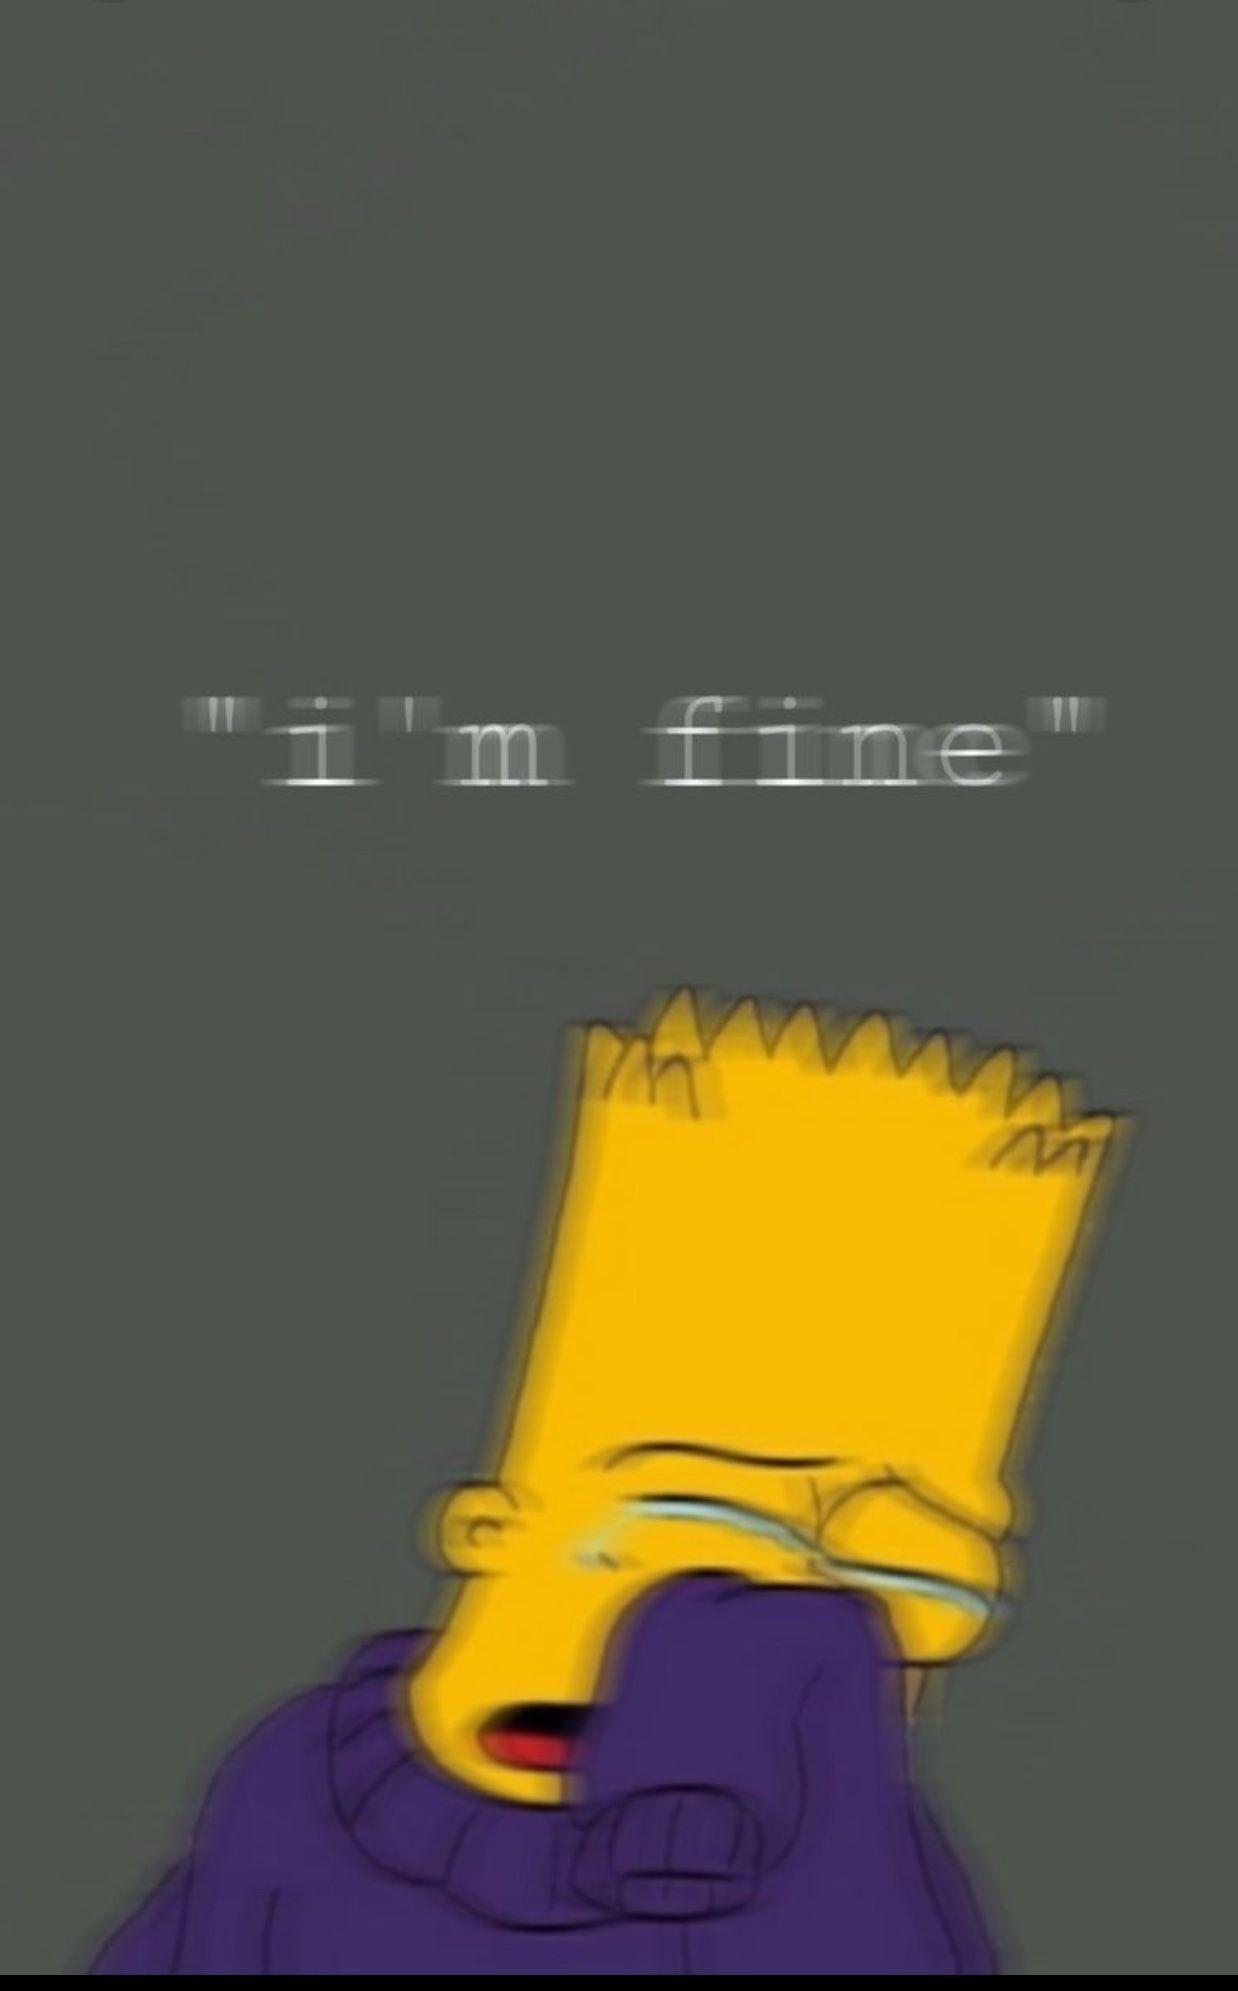 Iphone Broken Hearted Iphone Simpsons Sad Aesthetic Wallpaper